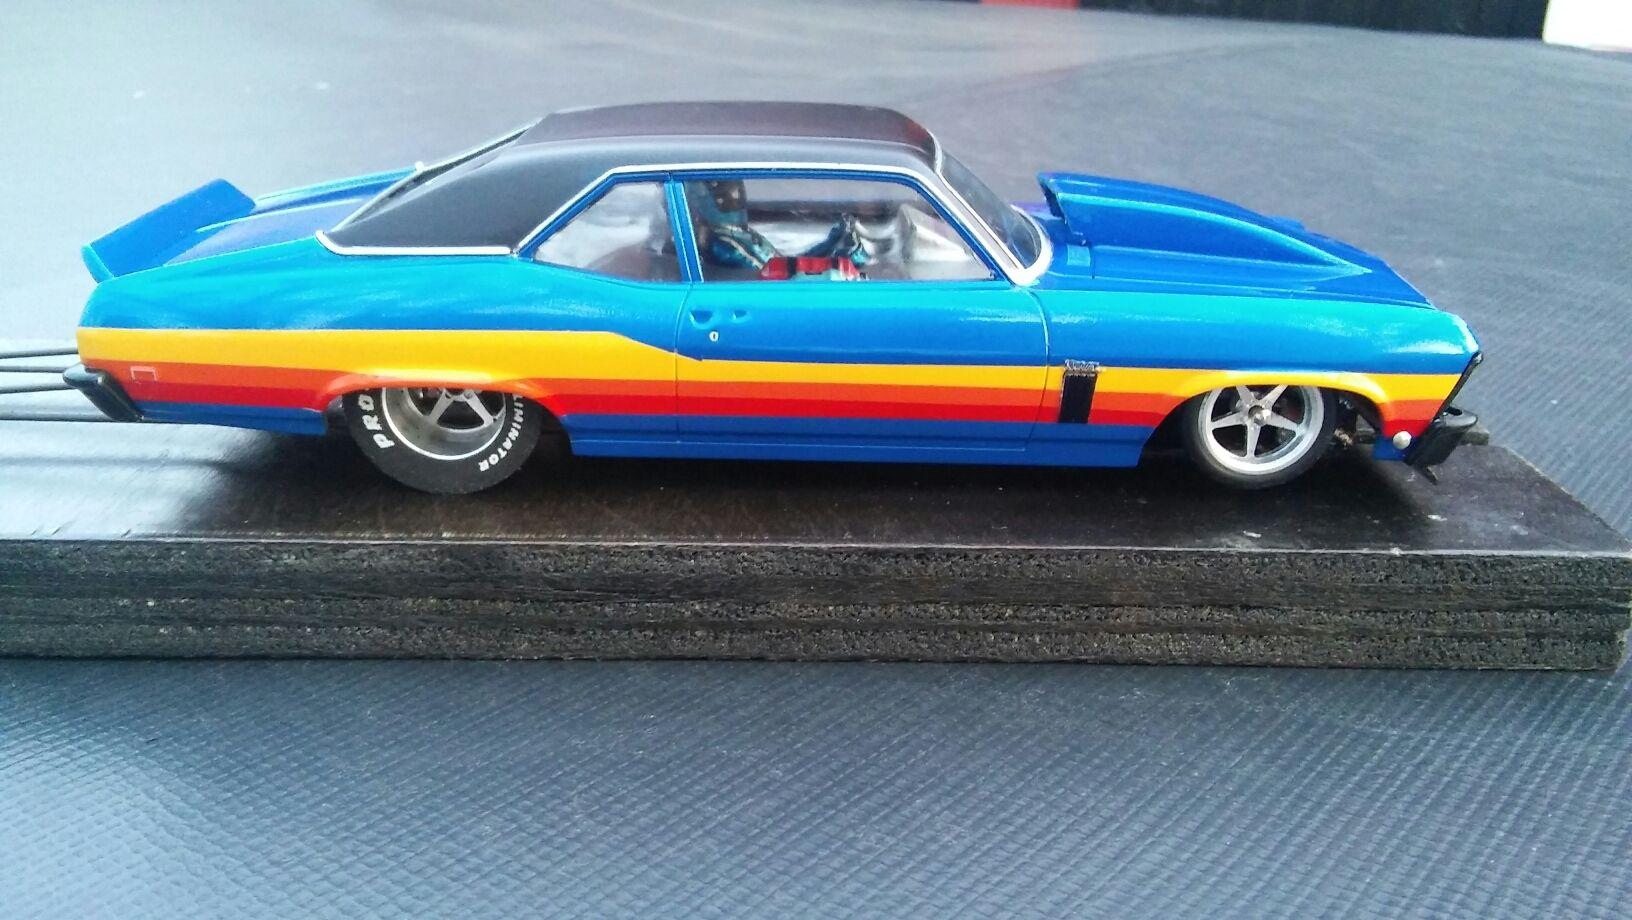 Nova Slot Car Replica | 68-72 Nova | Cars, Slot cars, Racing